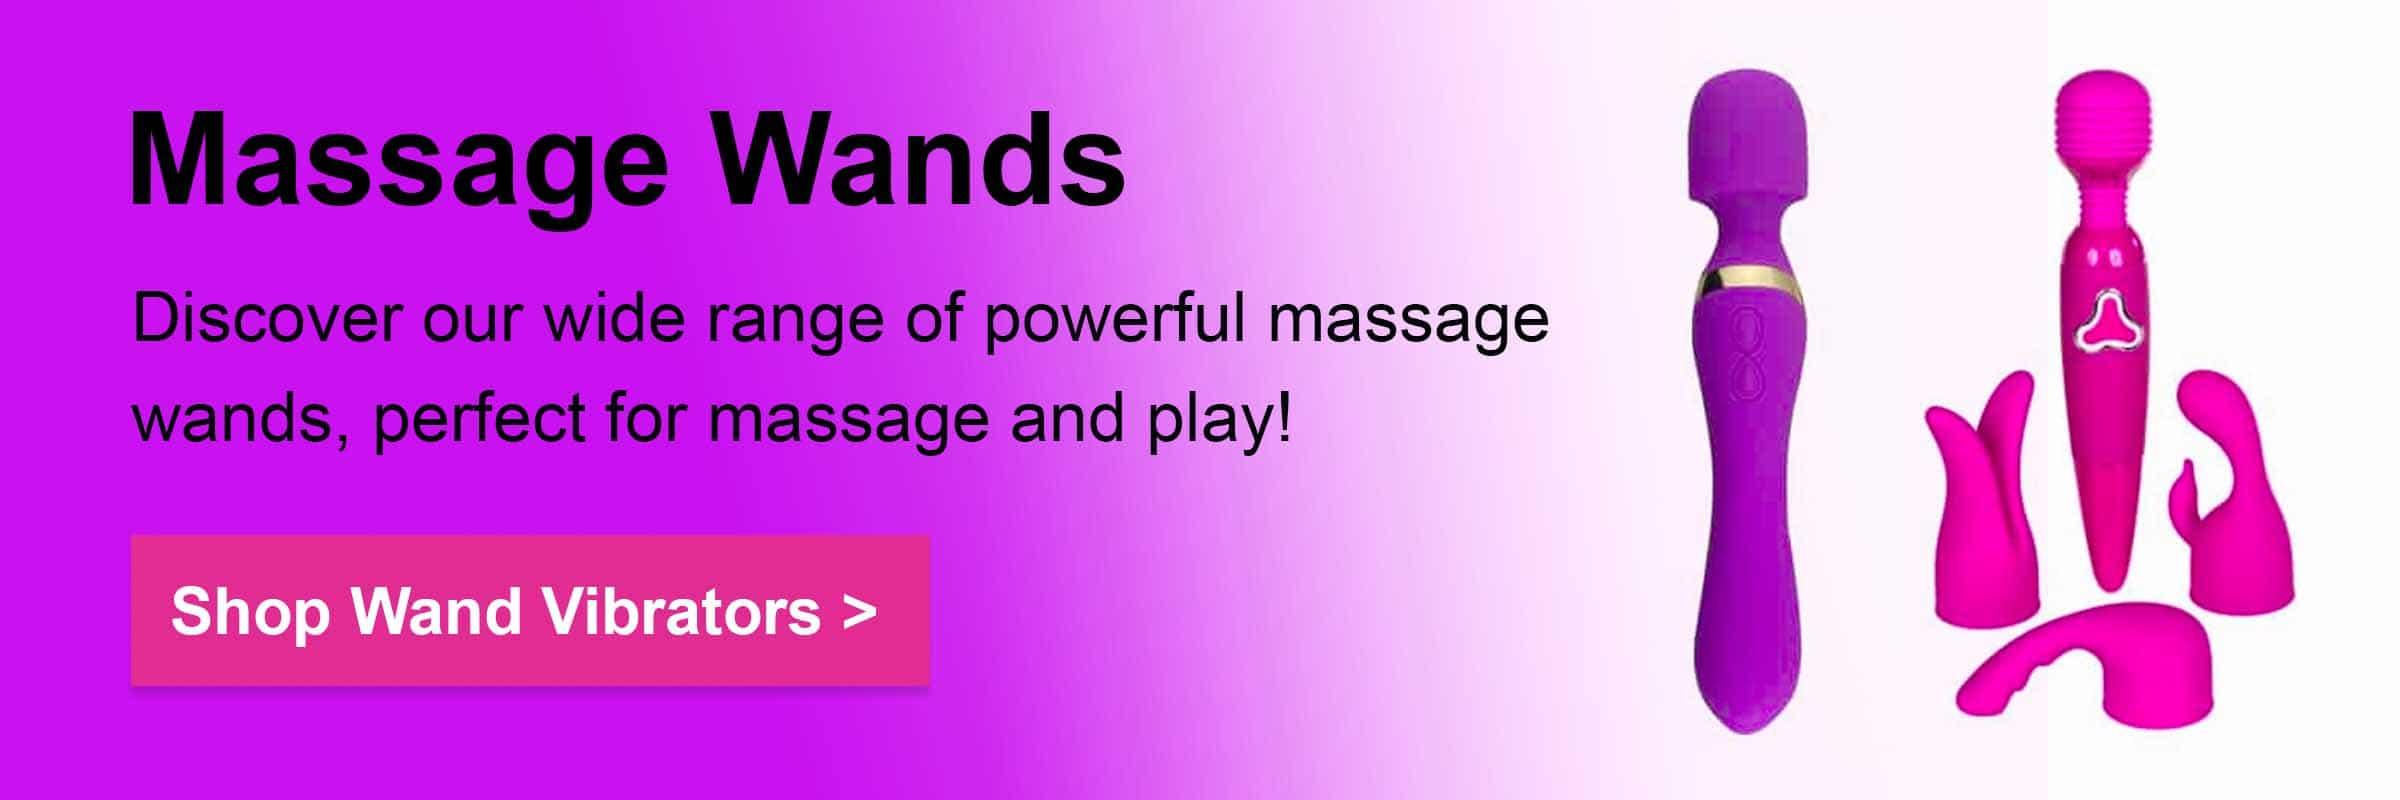 powerful massage wand vibrators blog post banner